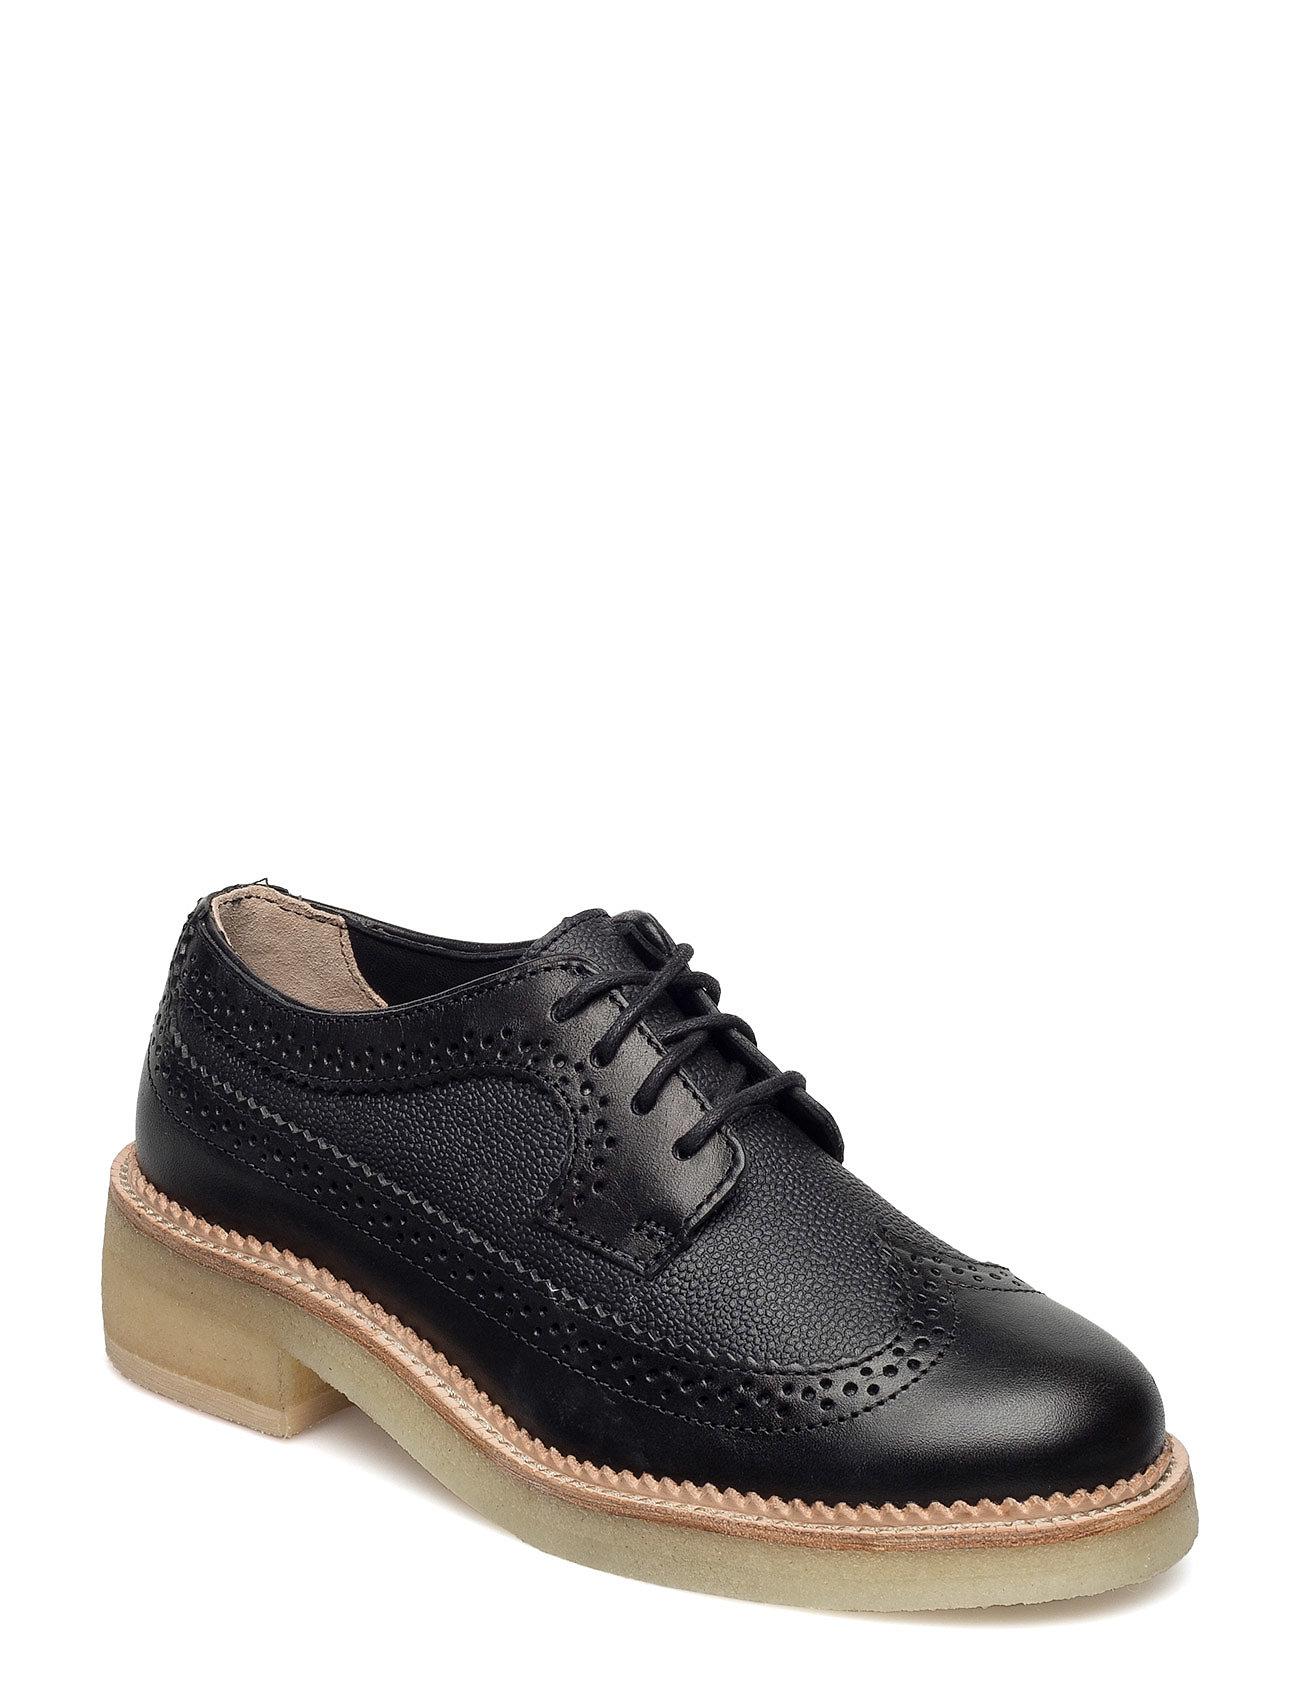 Maru Brogue Clarks Flade sko til Damer i Sort